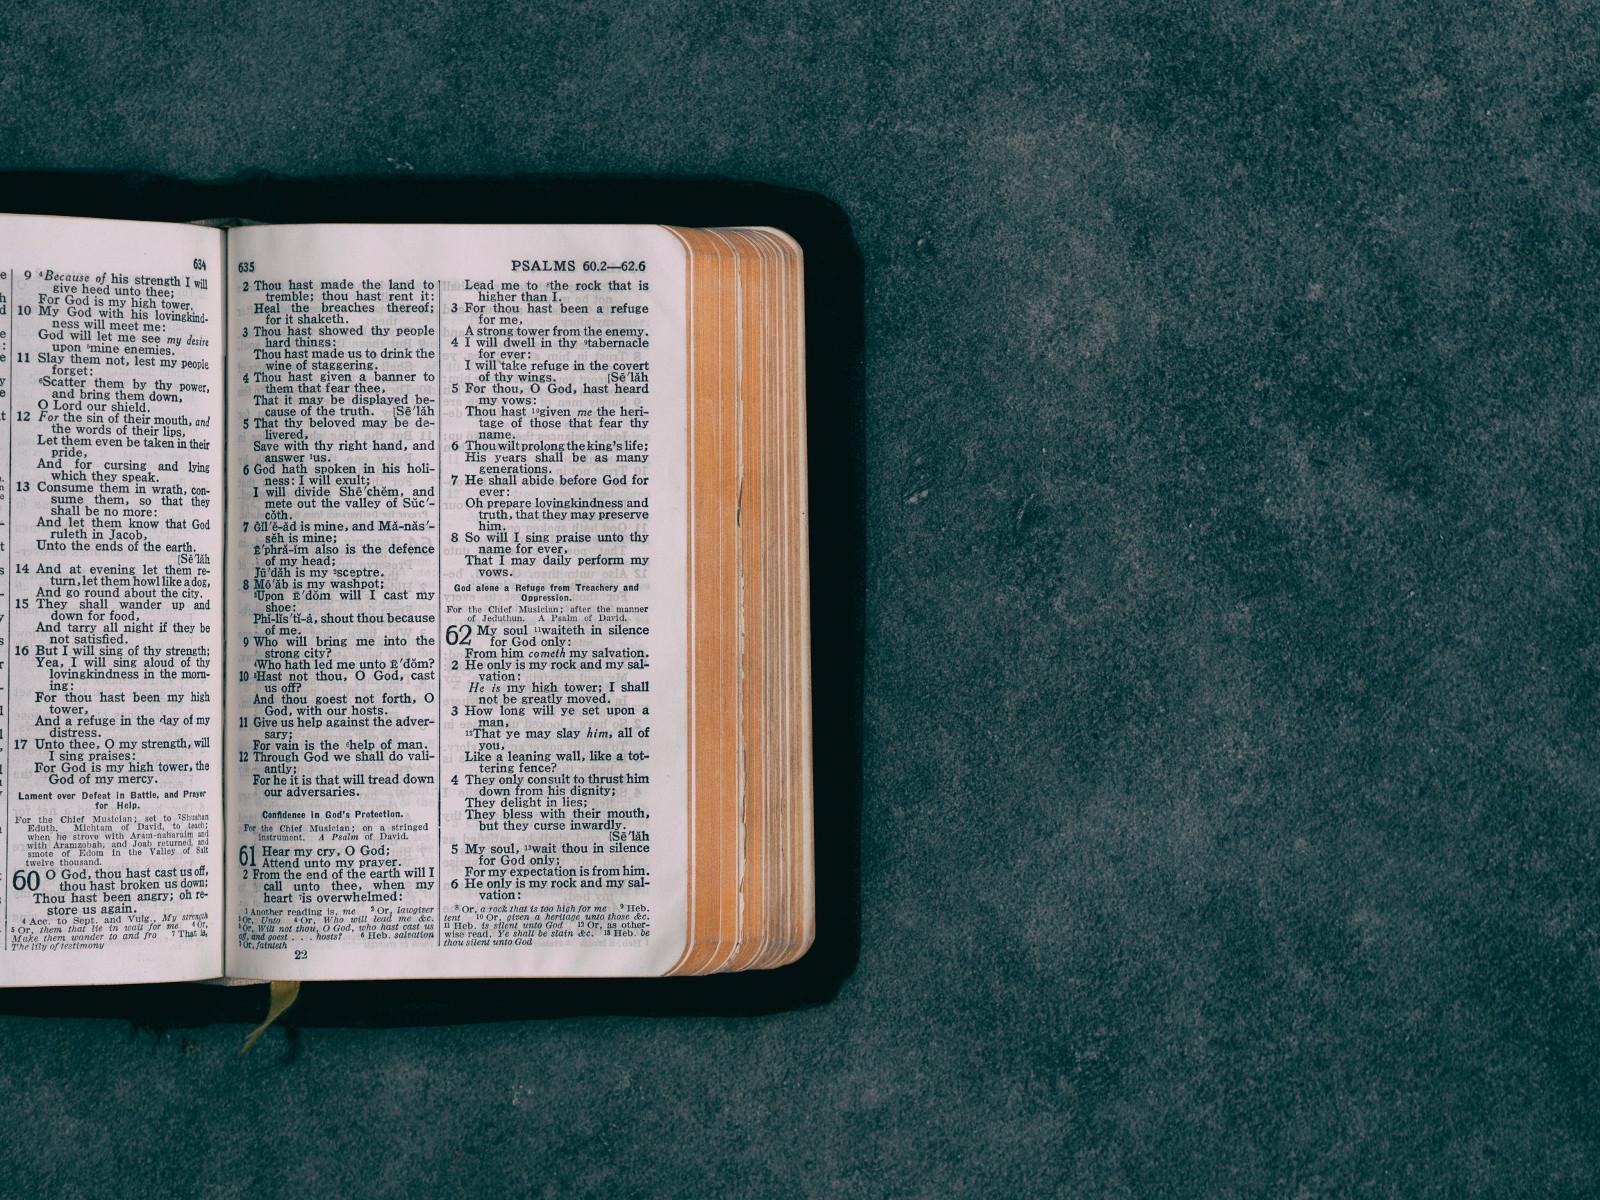 Cómo la memorización extendida de la Biblia impacta nuestras vidas